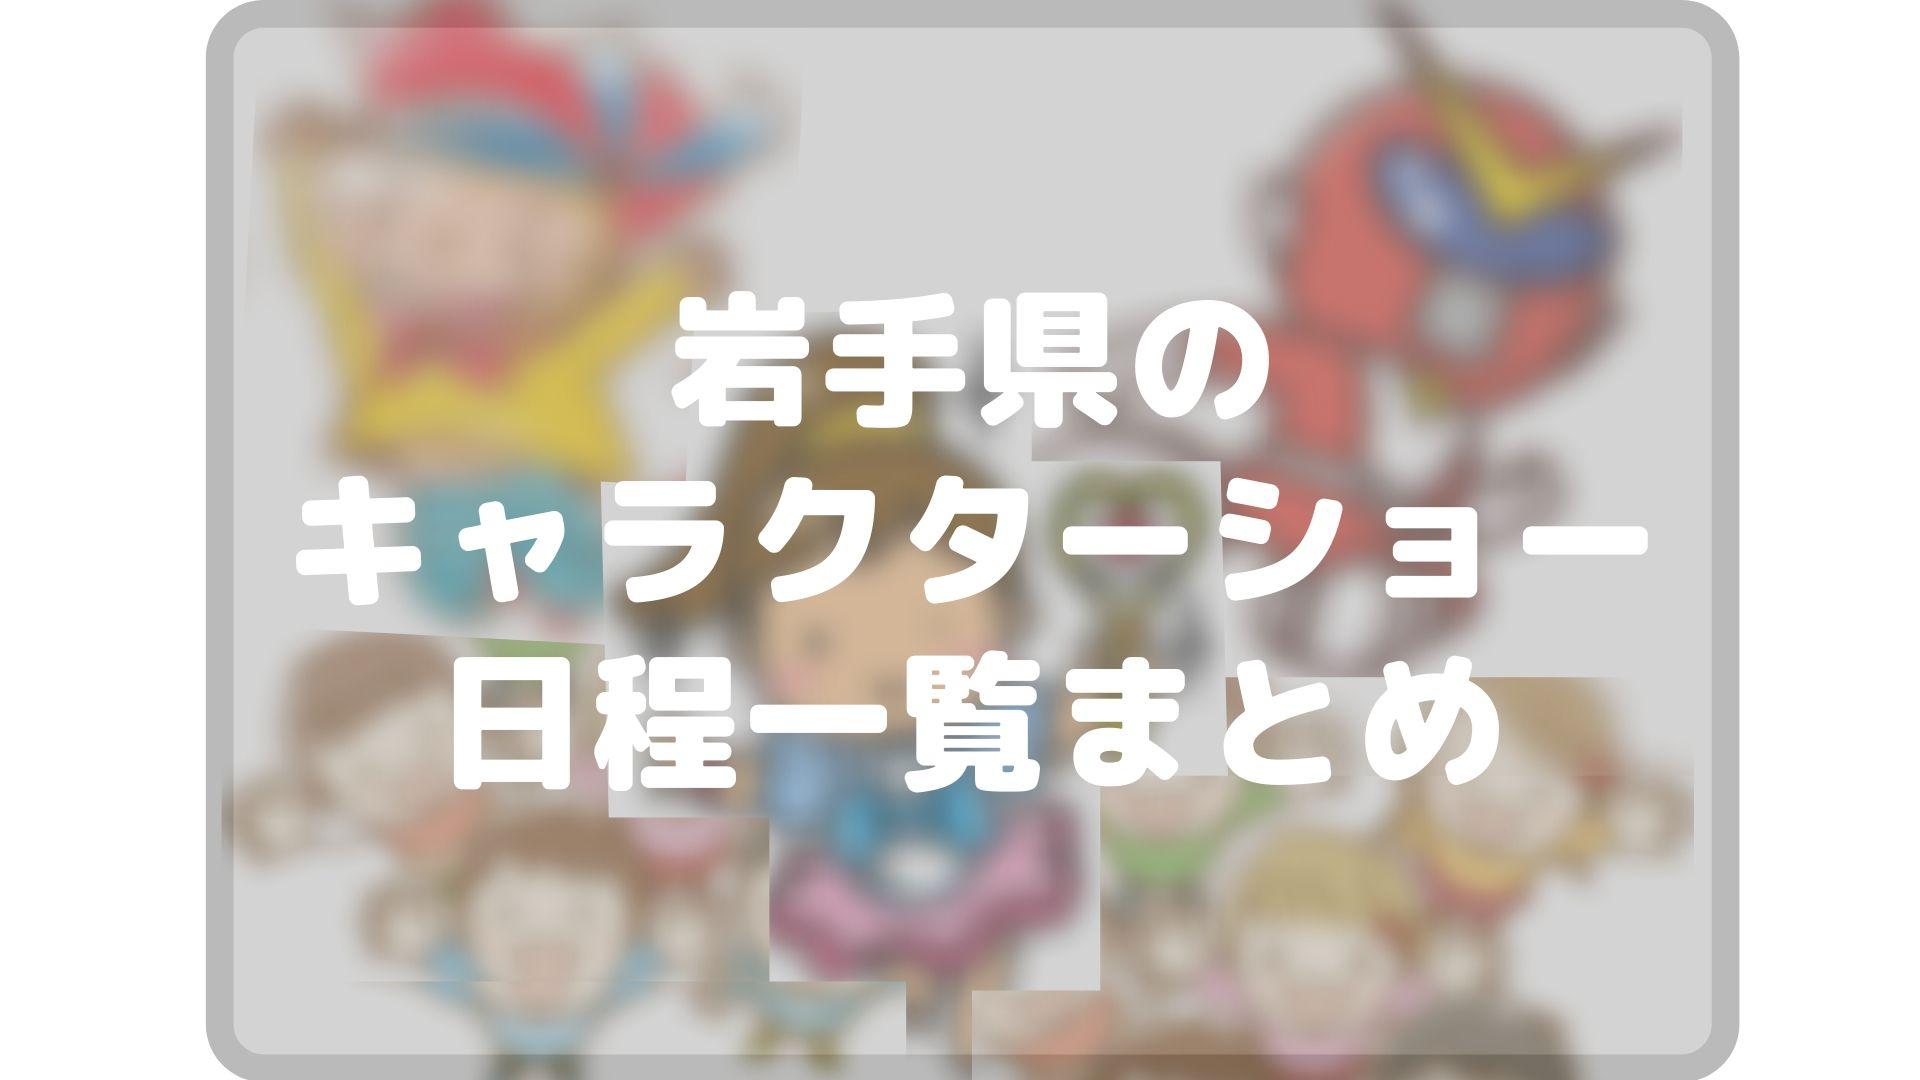 岩手県のキャラクターショーまとめタイトル画像